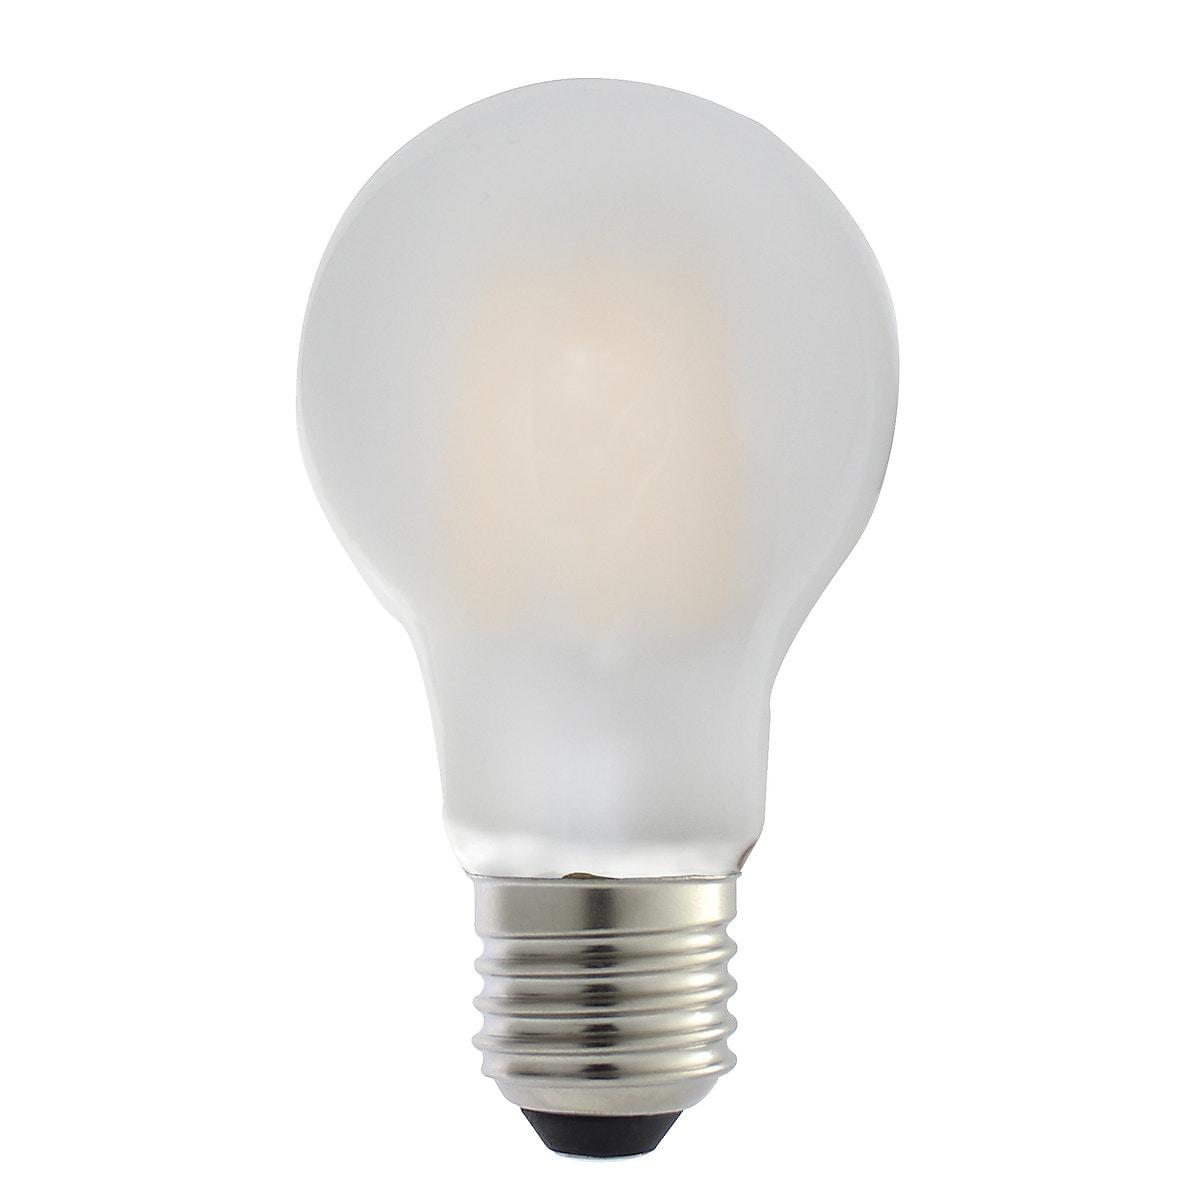 Dimmbare LED-Normallampe E27 Clas Ohlson